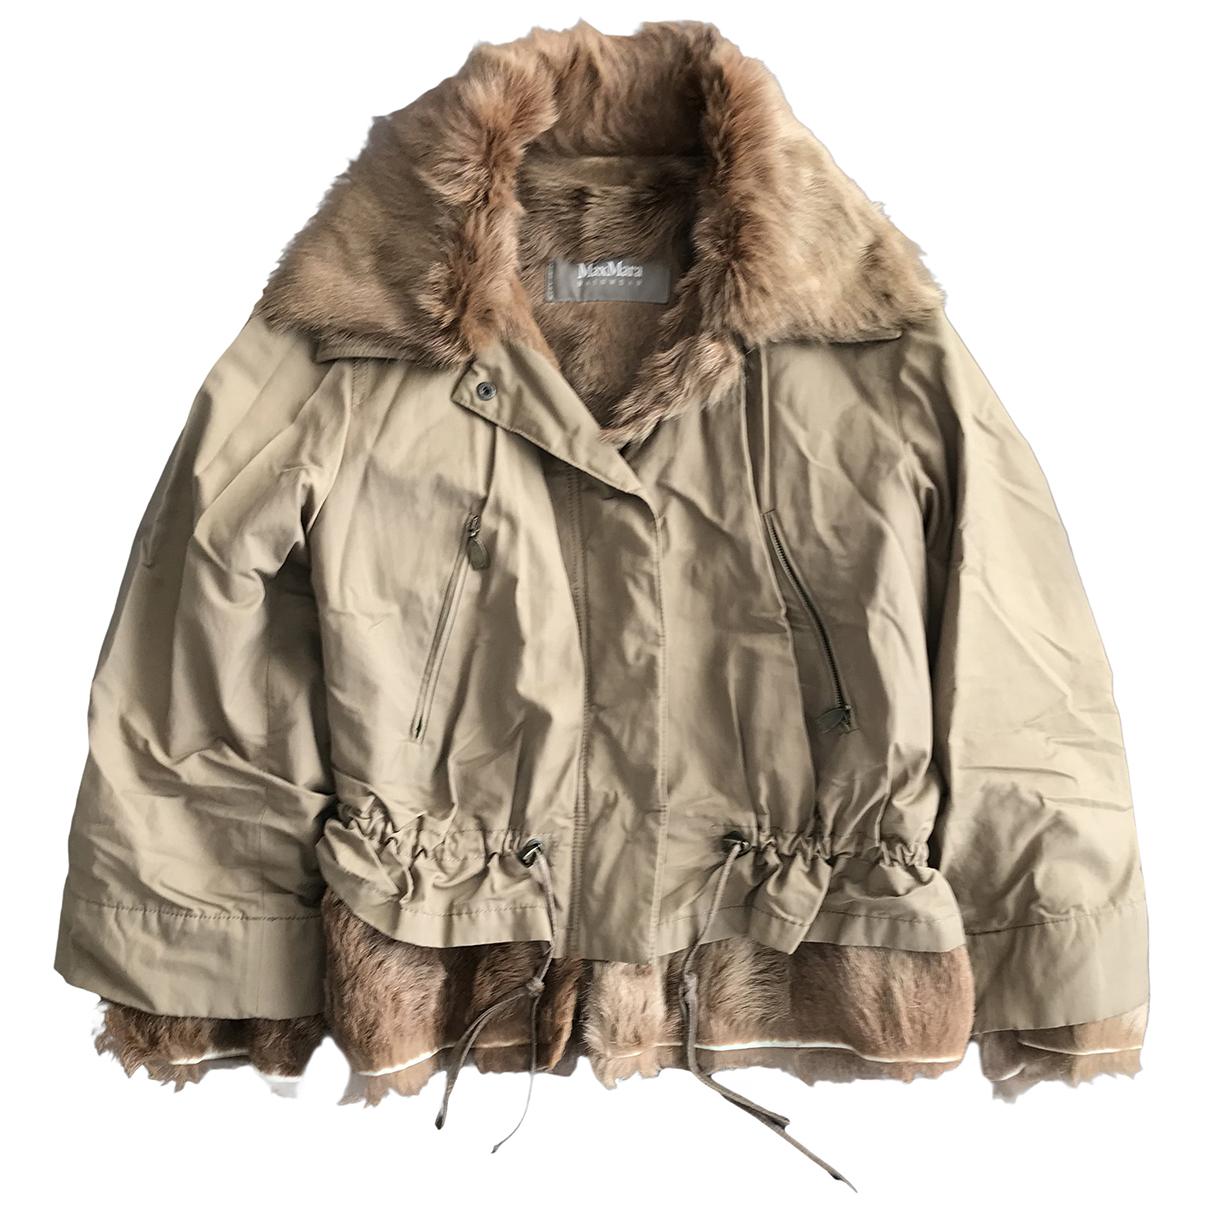 Max Mara - Manteau   pour femme en fourrure - beige